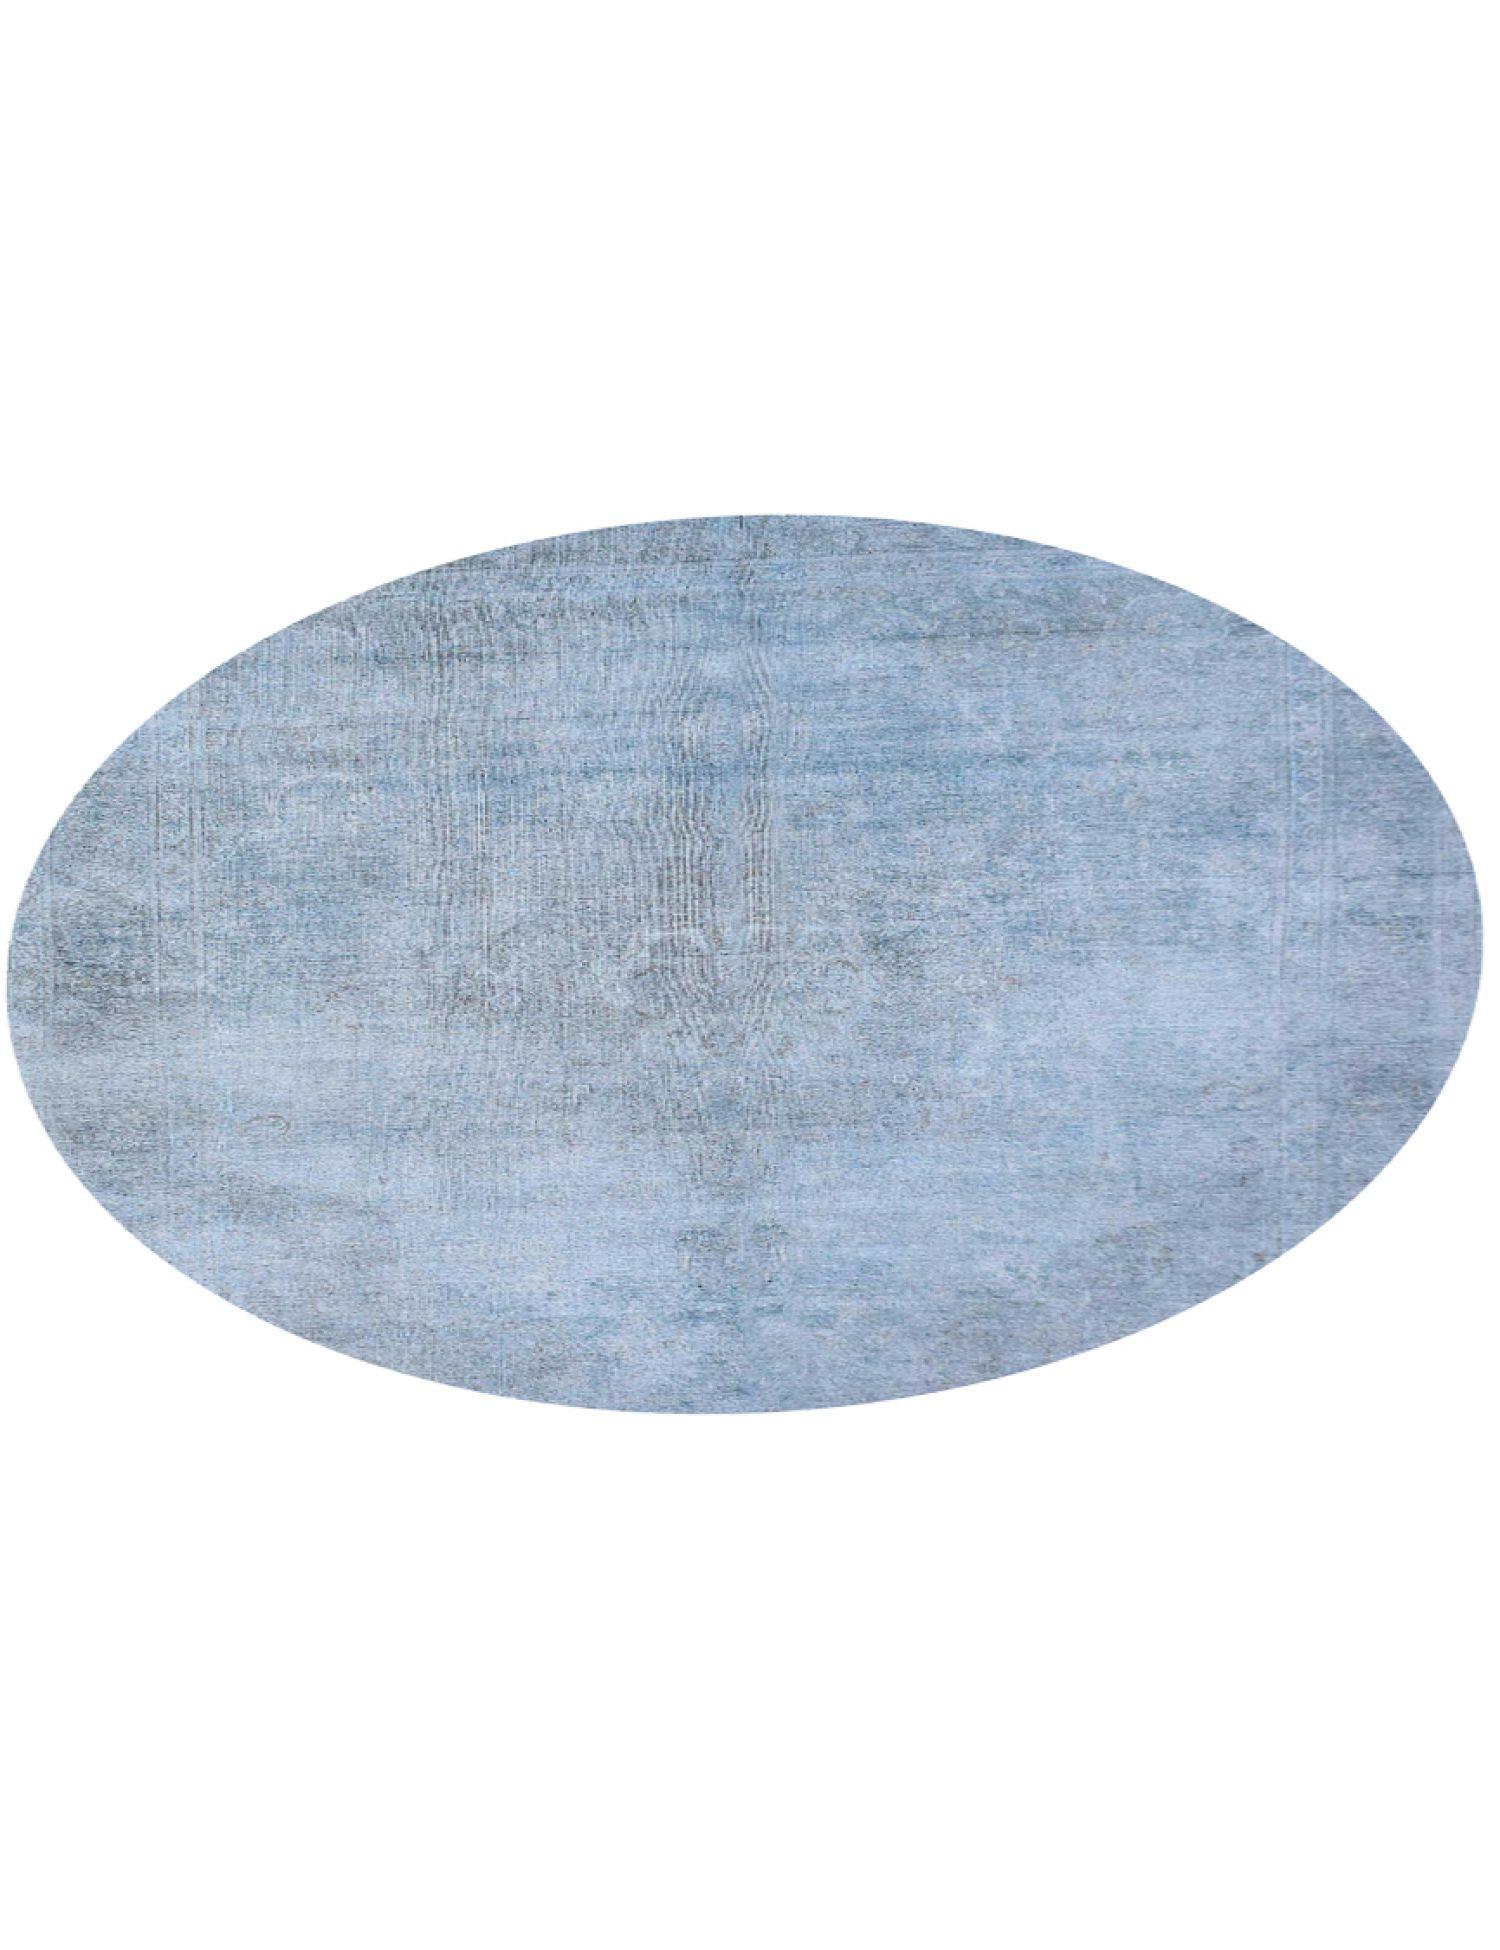 Vintage Perserteppich  blau <br/>285 x 285 cm